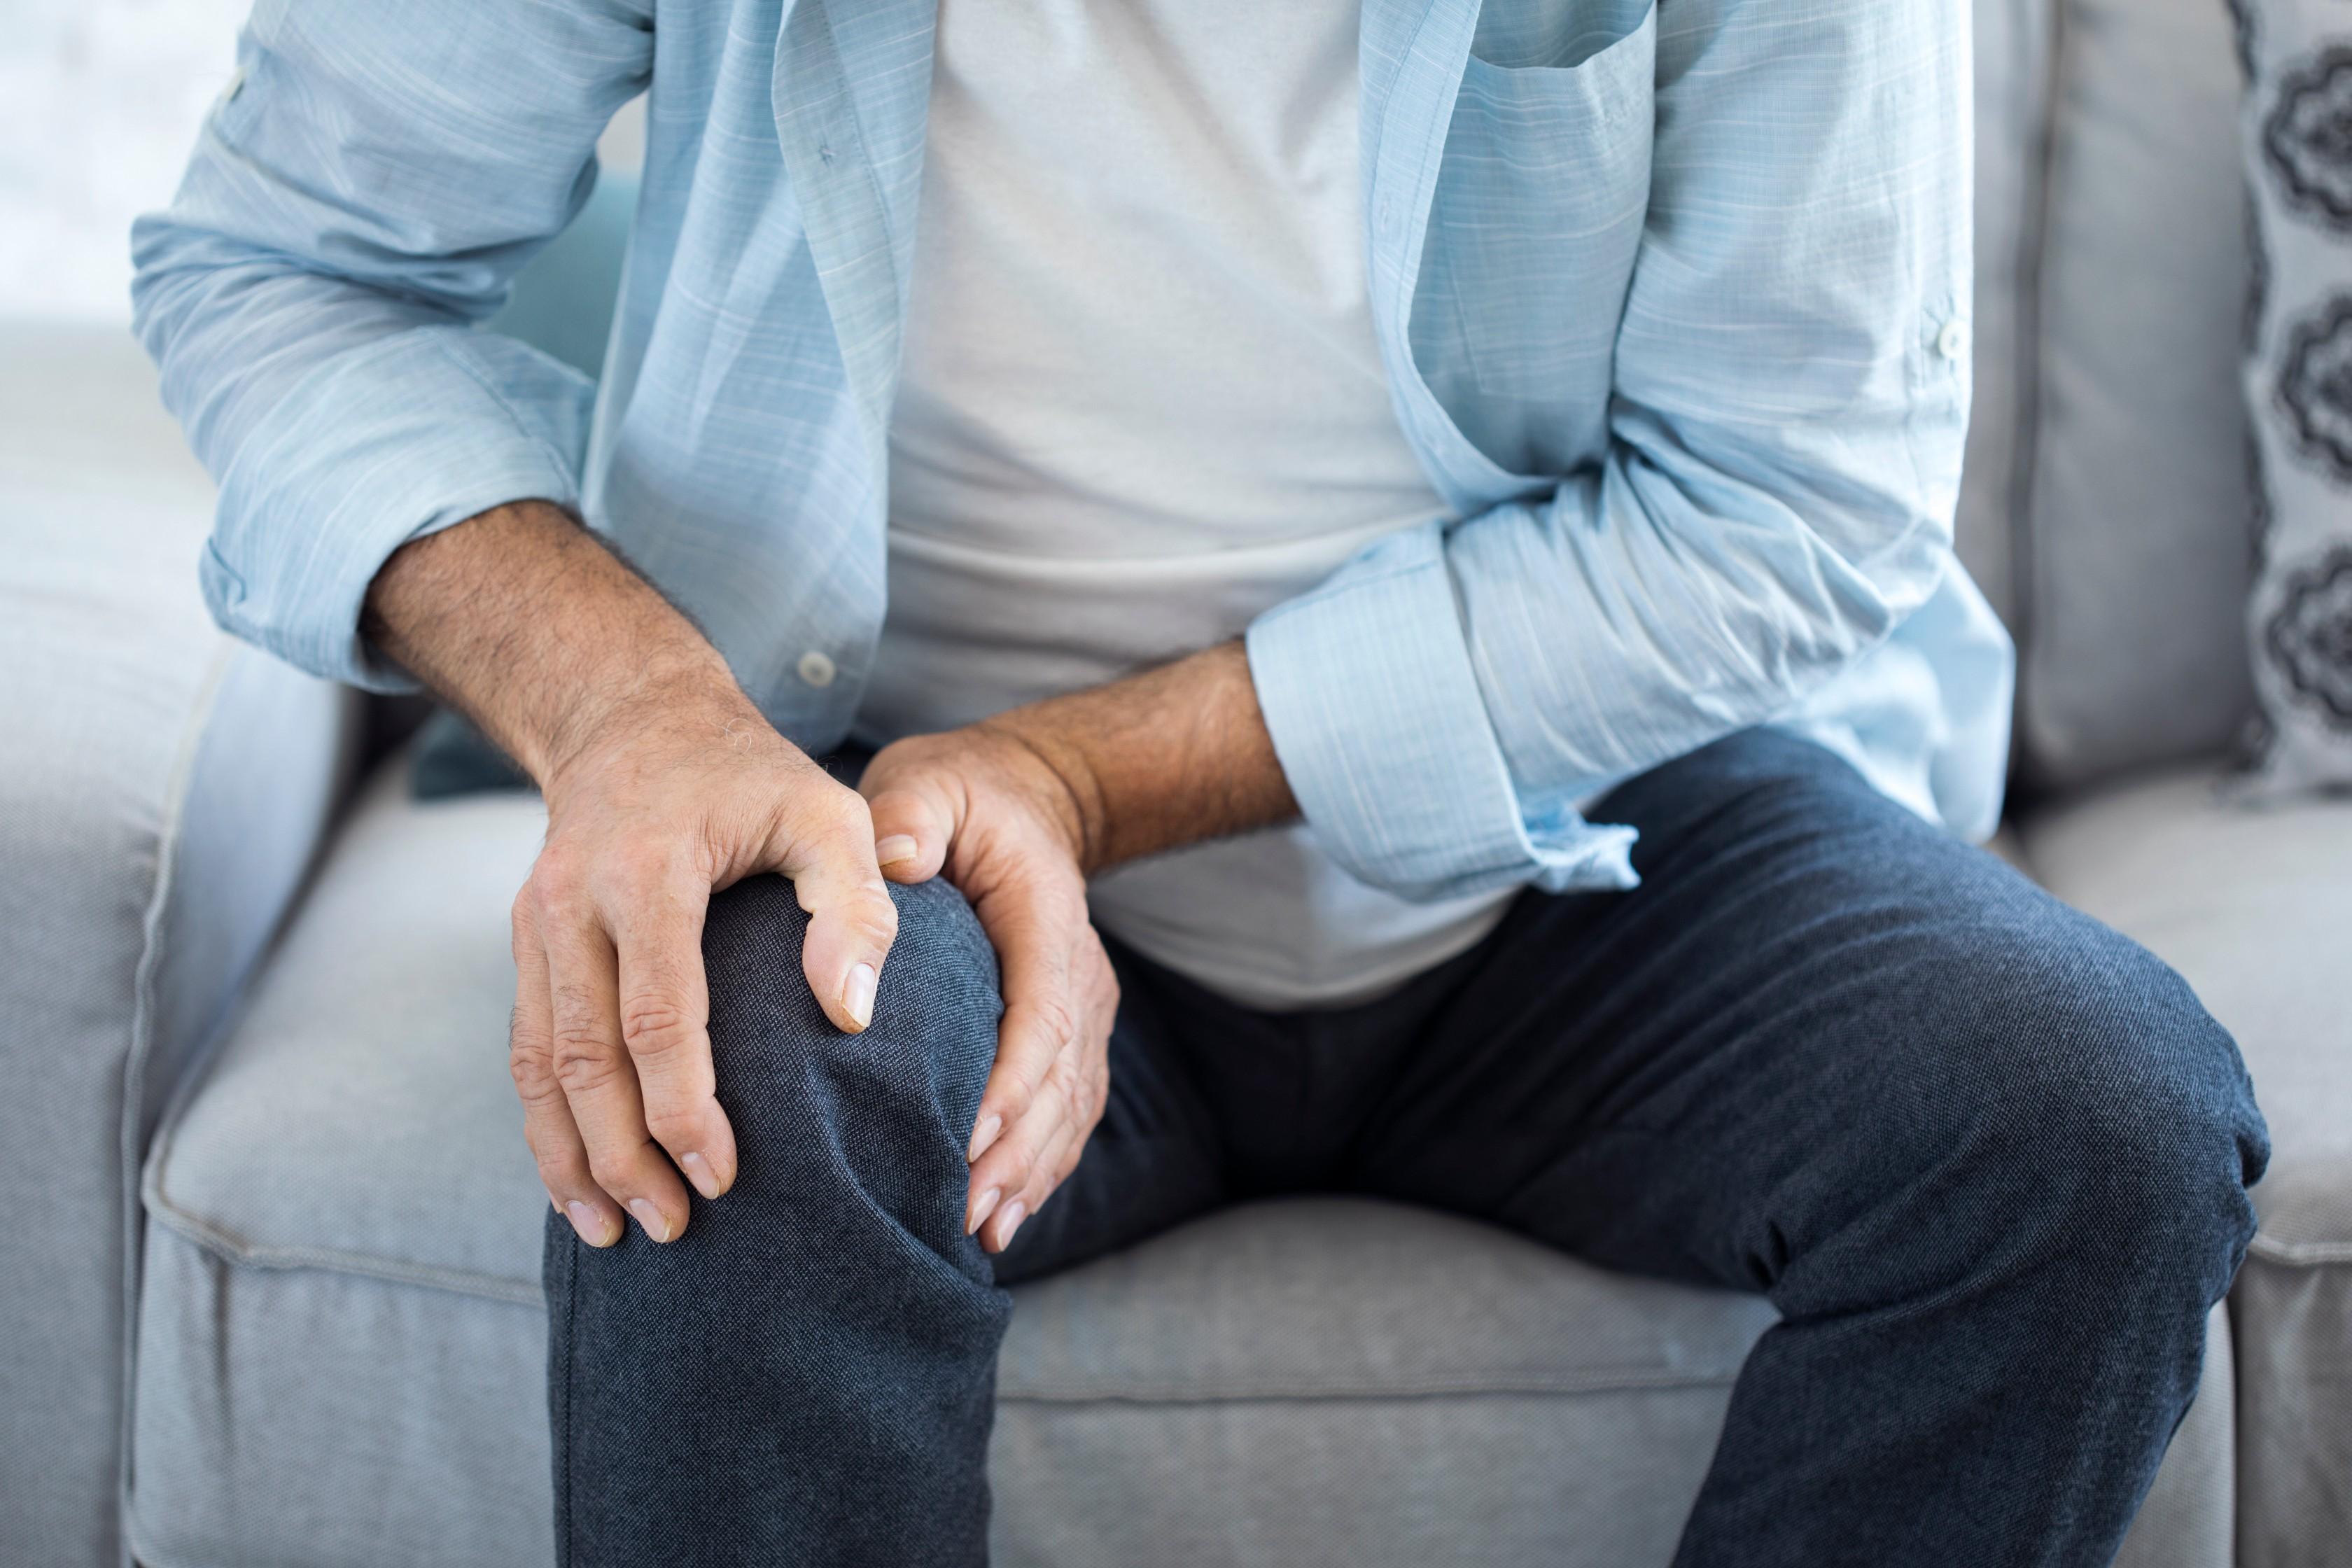 fájdalom és ropogás az ízületekben és a gerincben krónikus fáradtságos ízületi fájdalom